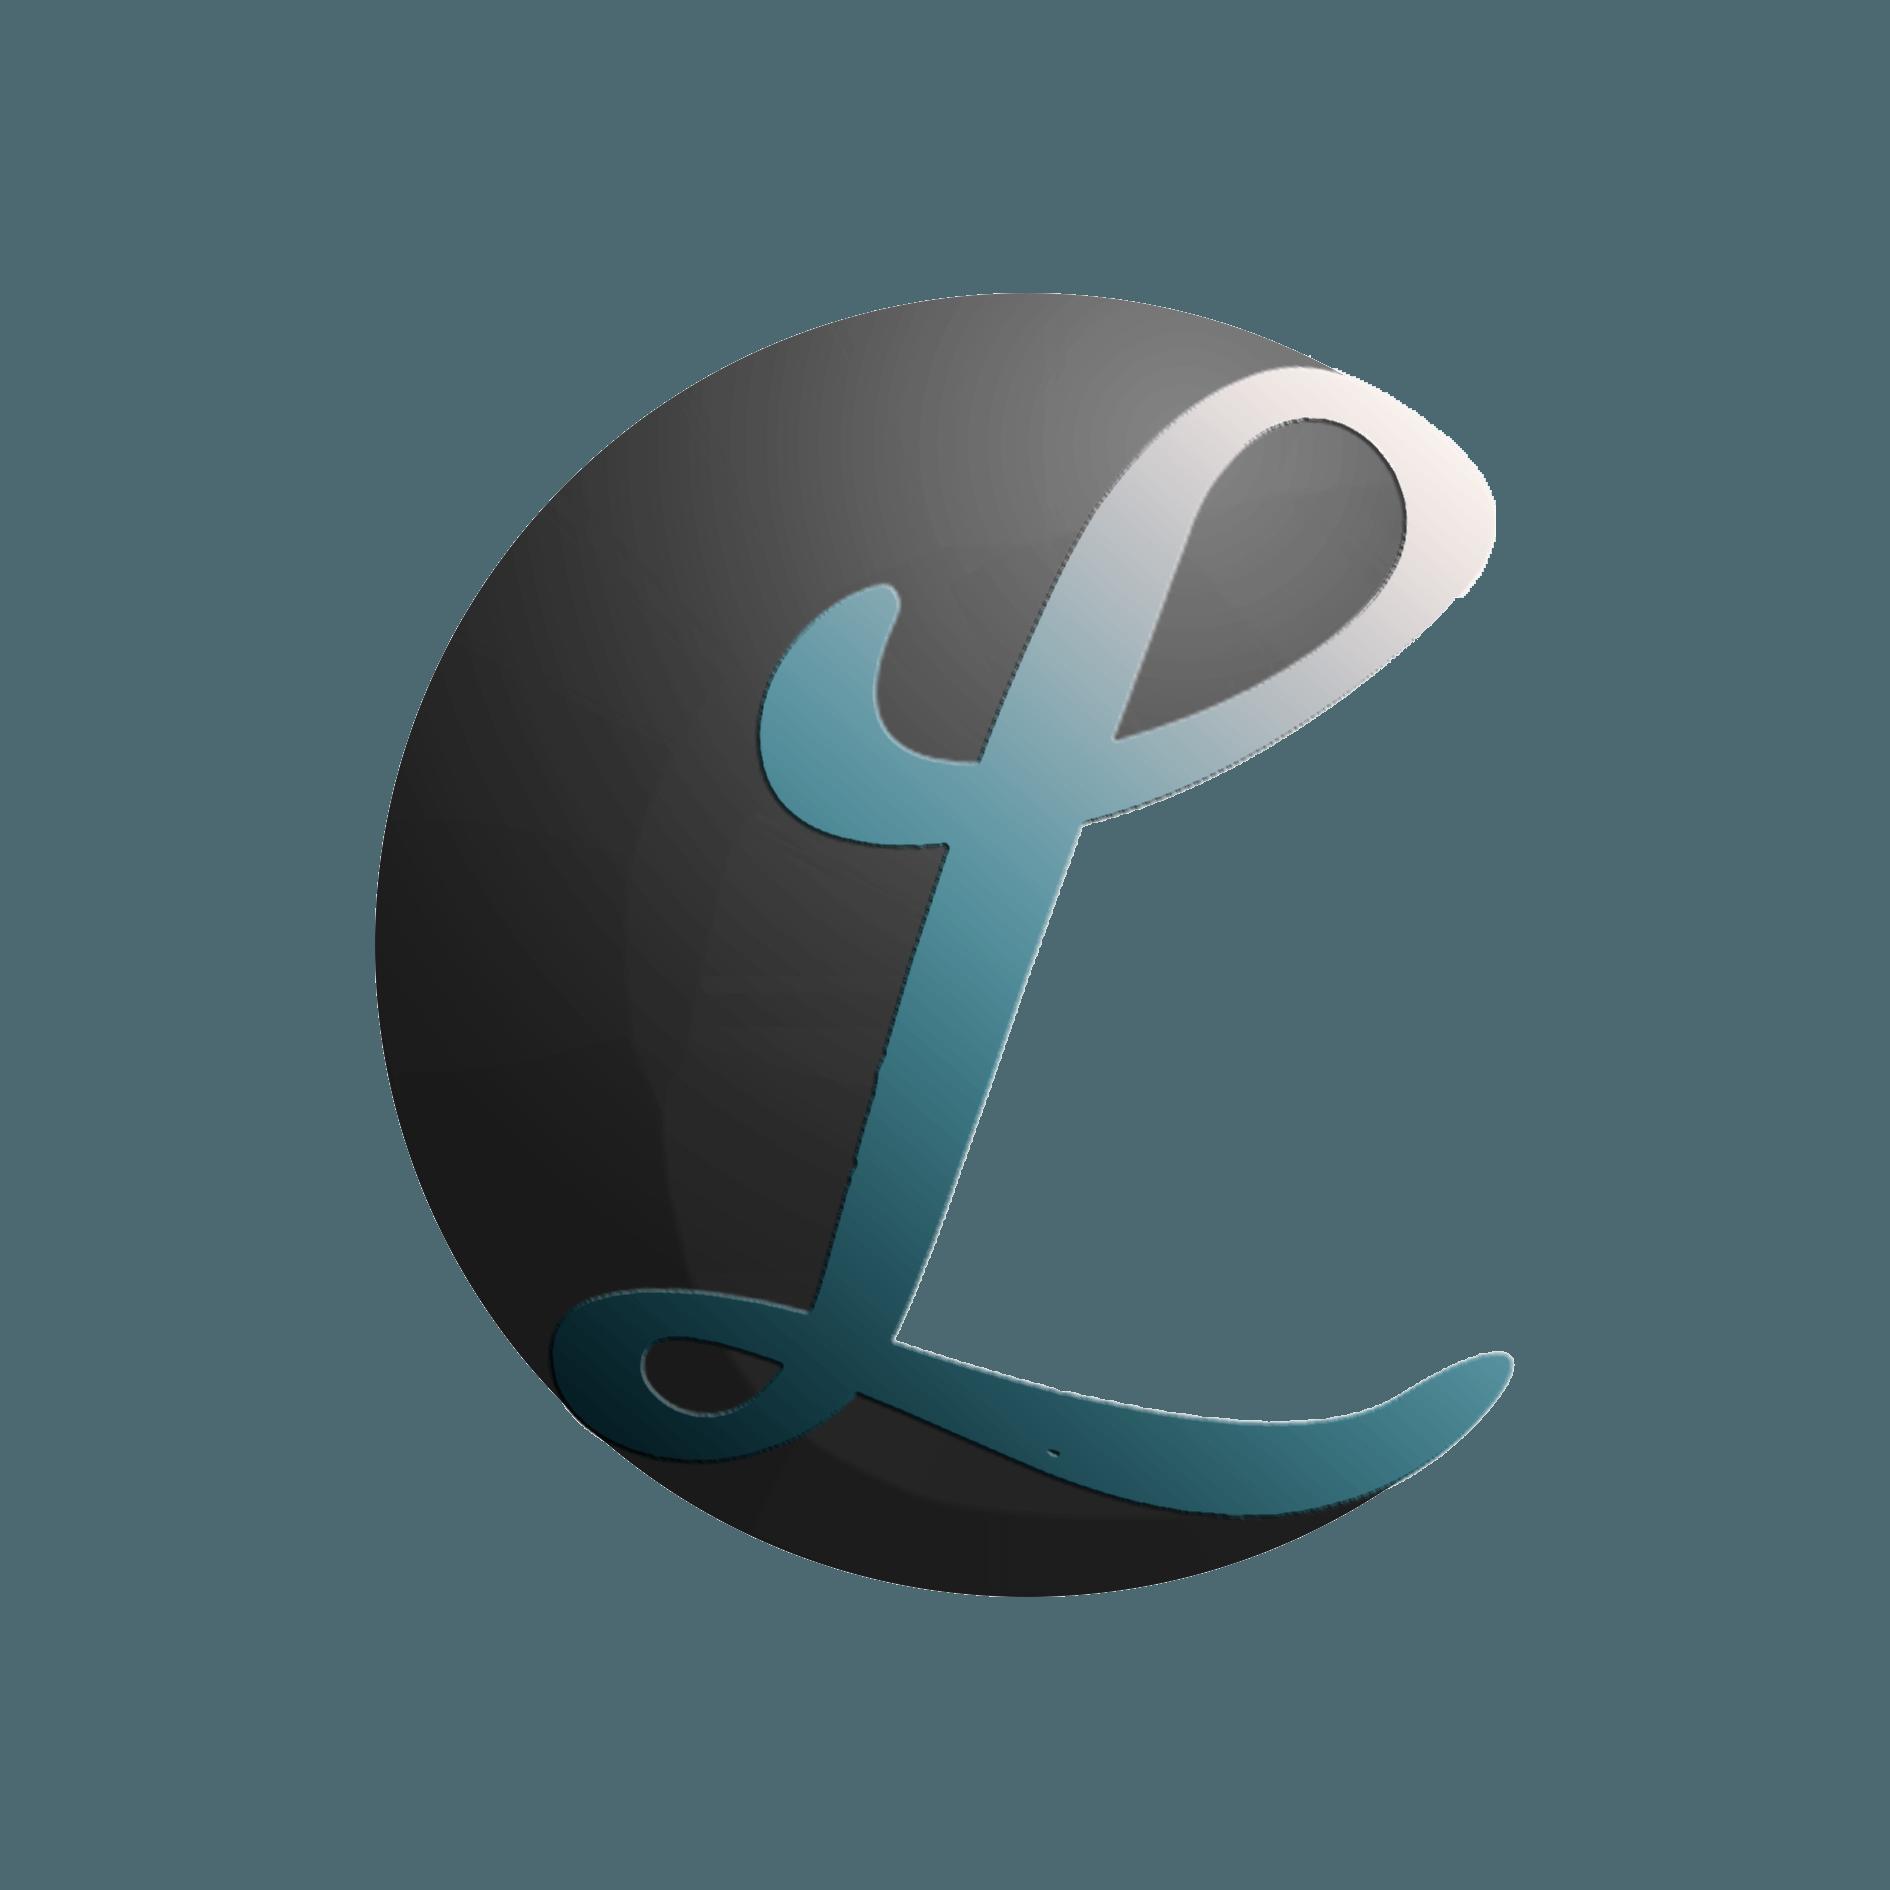 luisi blog